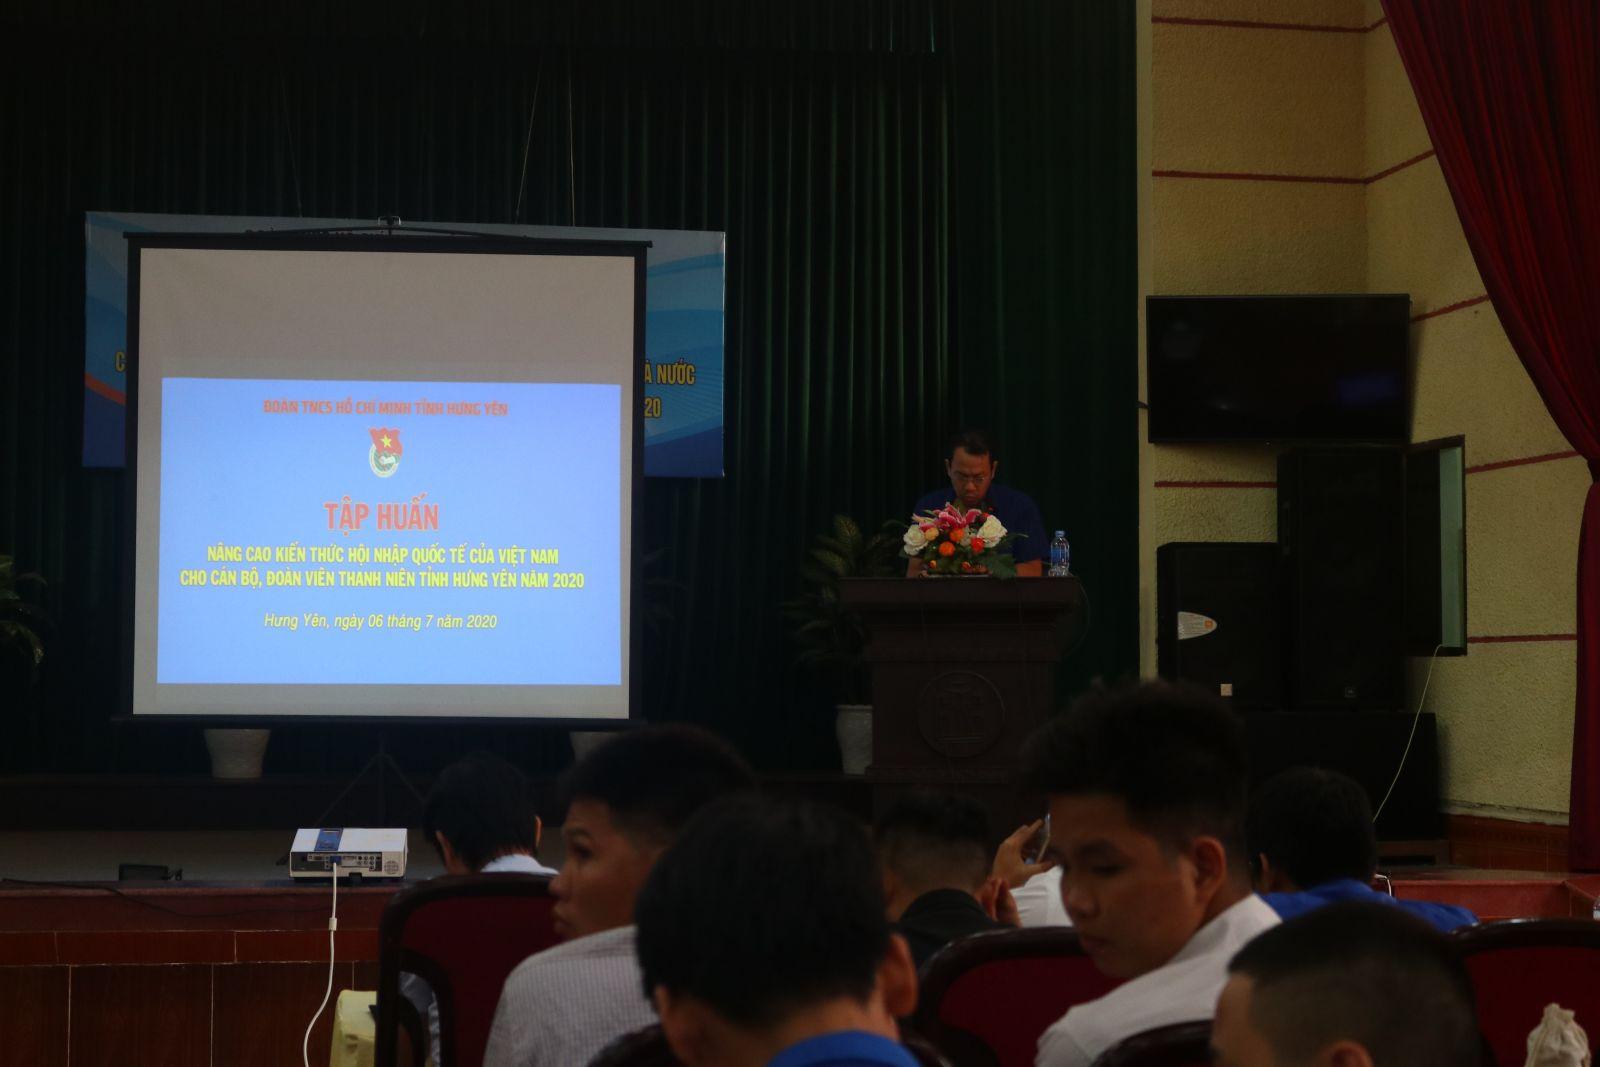 Tỉnh đoàn tập huấn nâng cao kiến thức về các nội dung hội nhập quốc tế của Việt Nam cho cán bộ, ĐVTN tỉnh Hưng Yên năm 2020